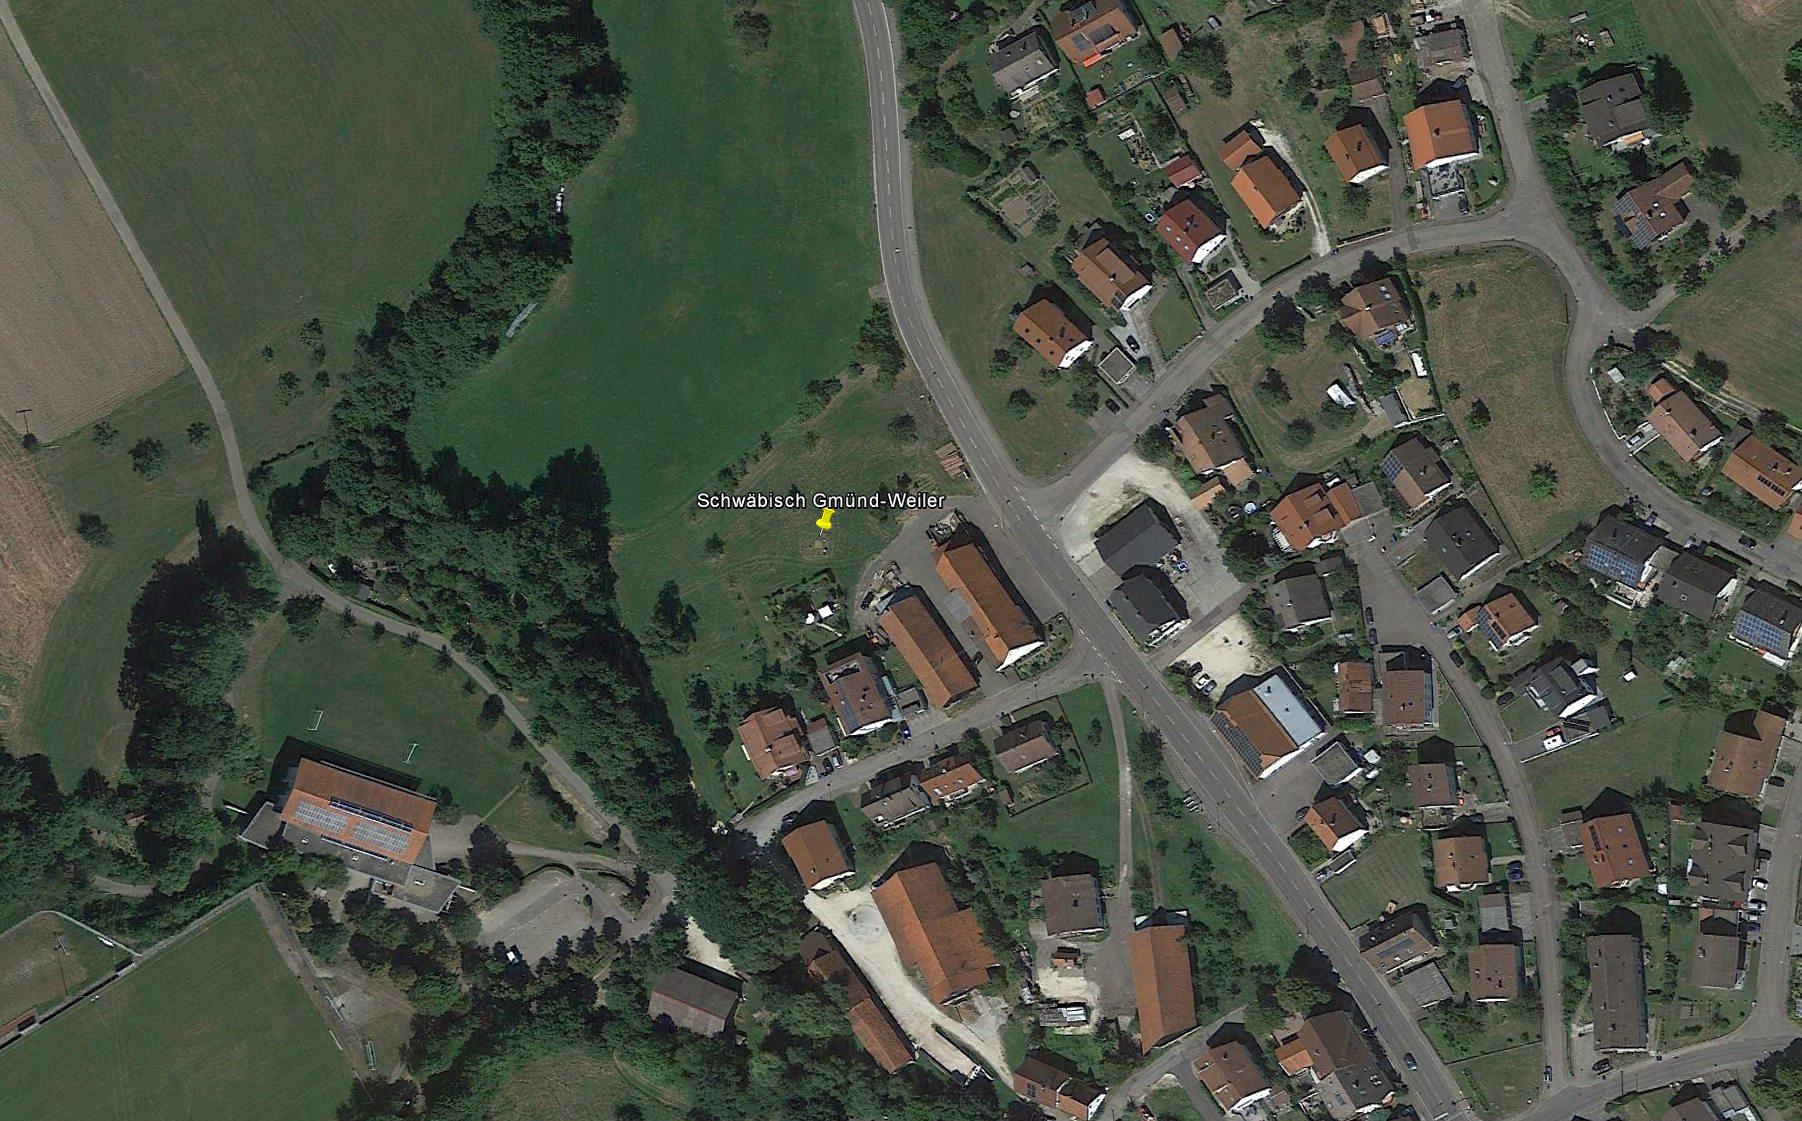 http://www.wetterstation-leutenbach.de/Bilder/weiler2.jpg